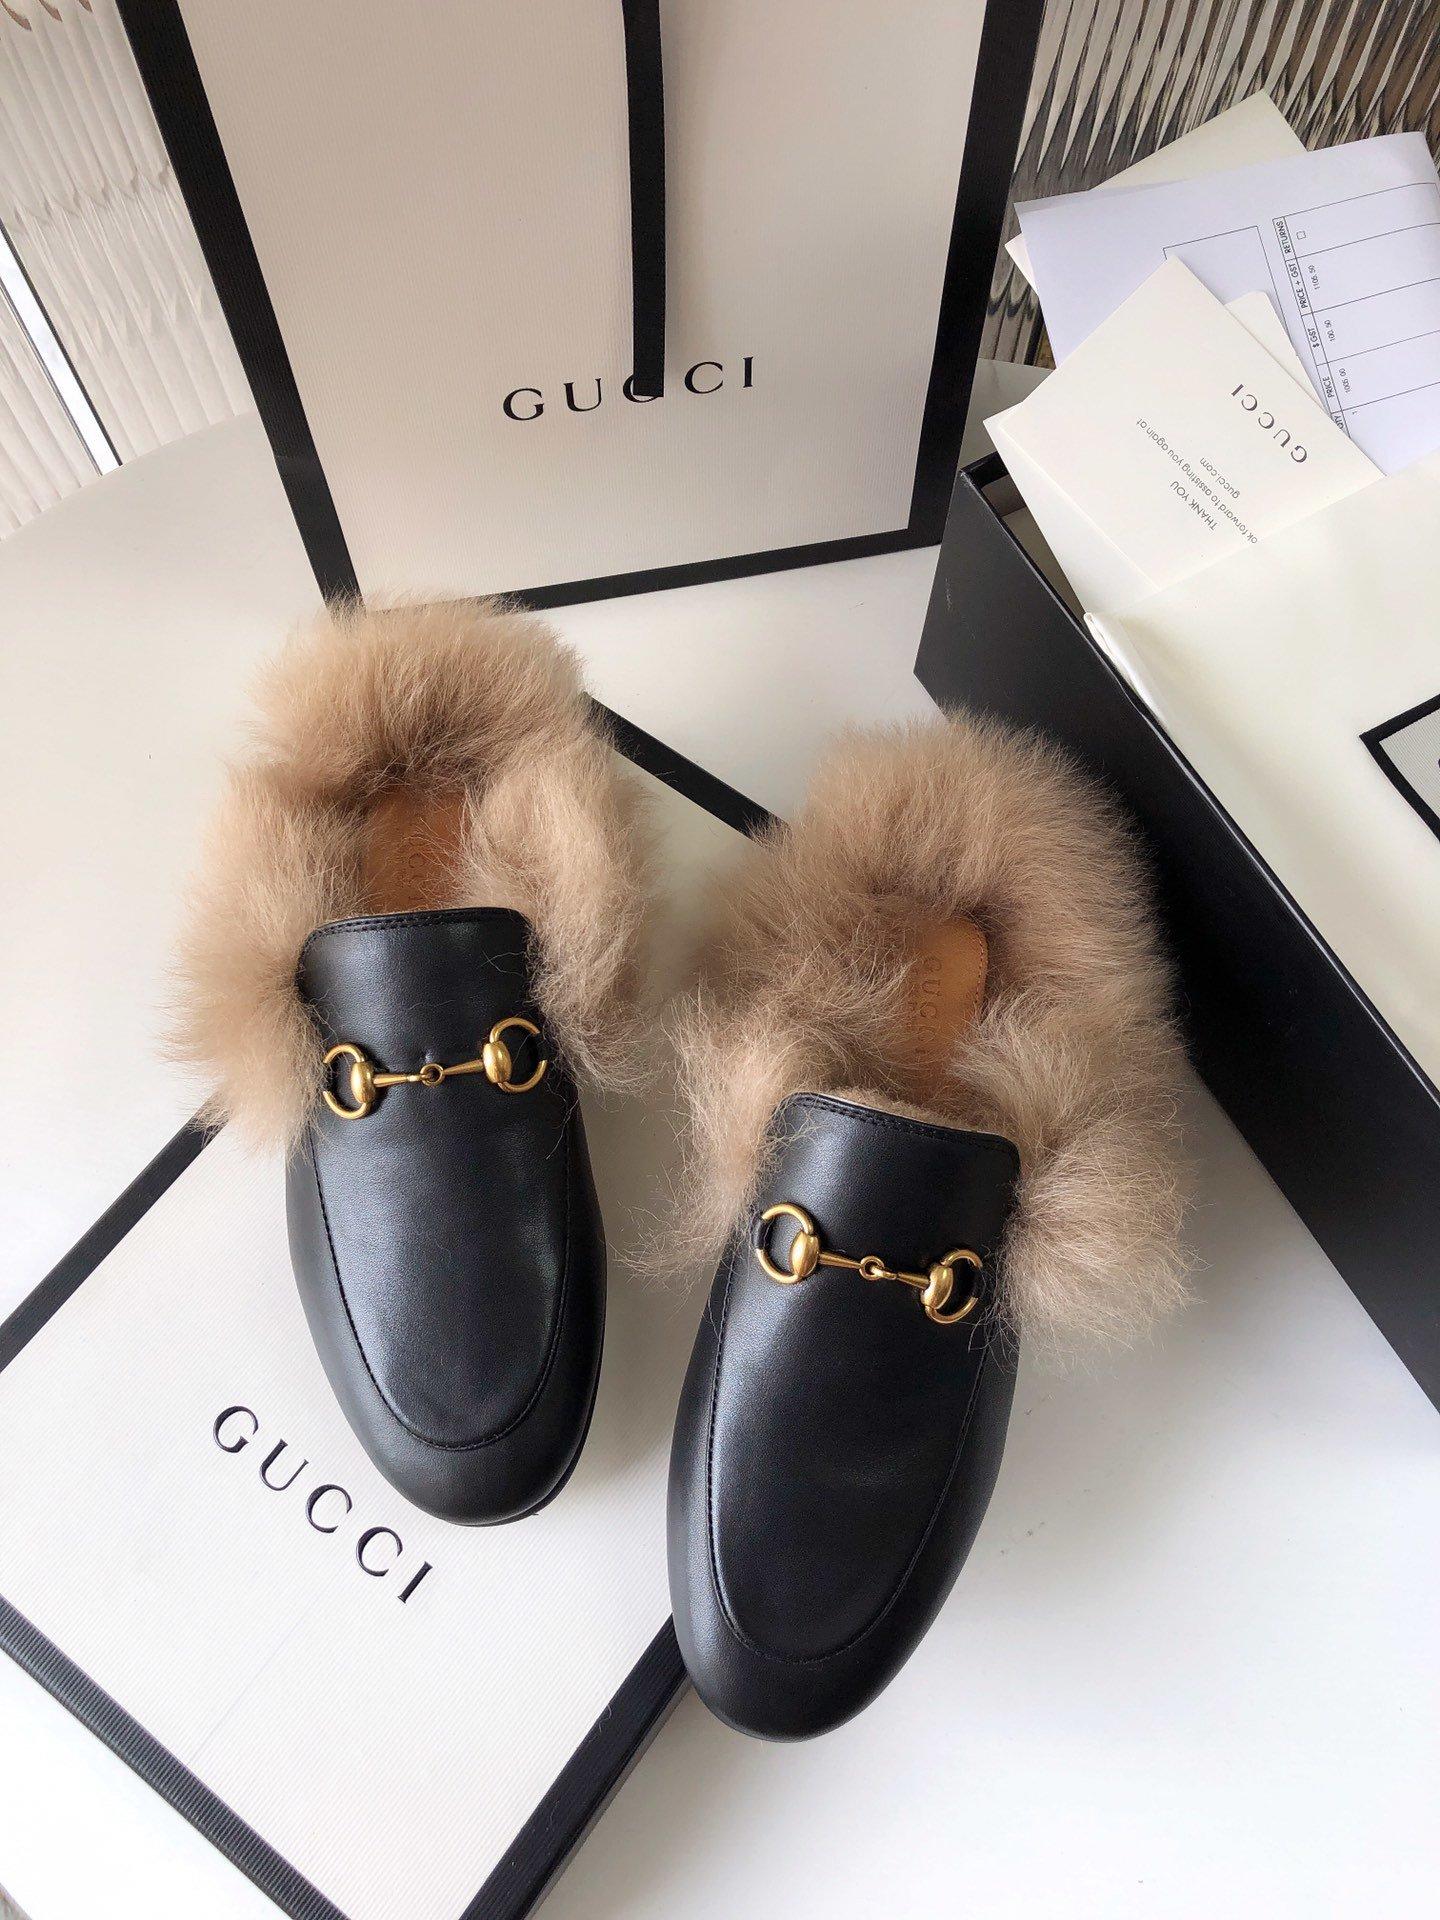 Gucci古奇 羔羊毛穆勒鞋明星同款(图9)